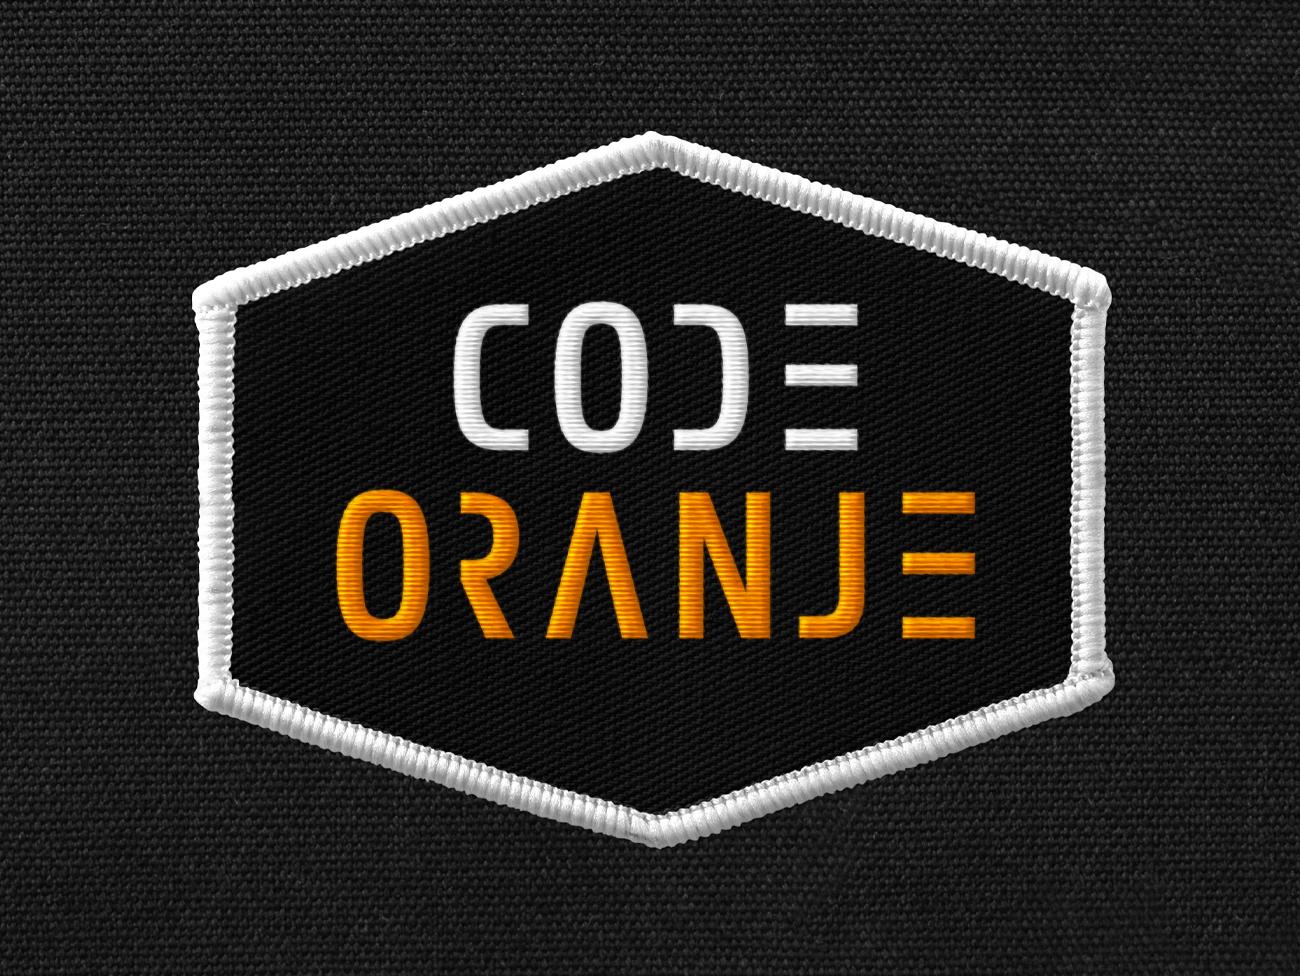 code oranje, code, oranje, voetbal, logo, identiteit, huisstijl, ontwerp, grafisch, grafisch ontwerp, graphic design, identity, football, nederland